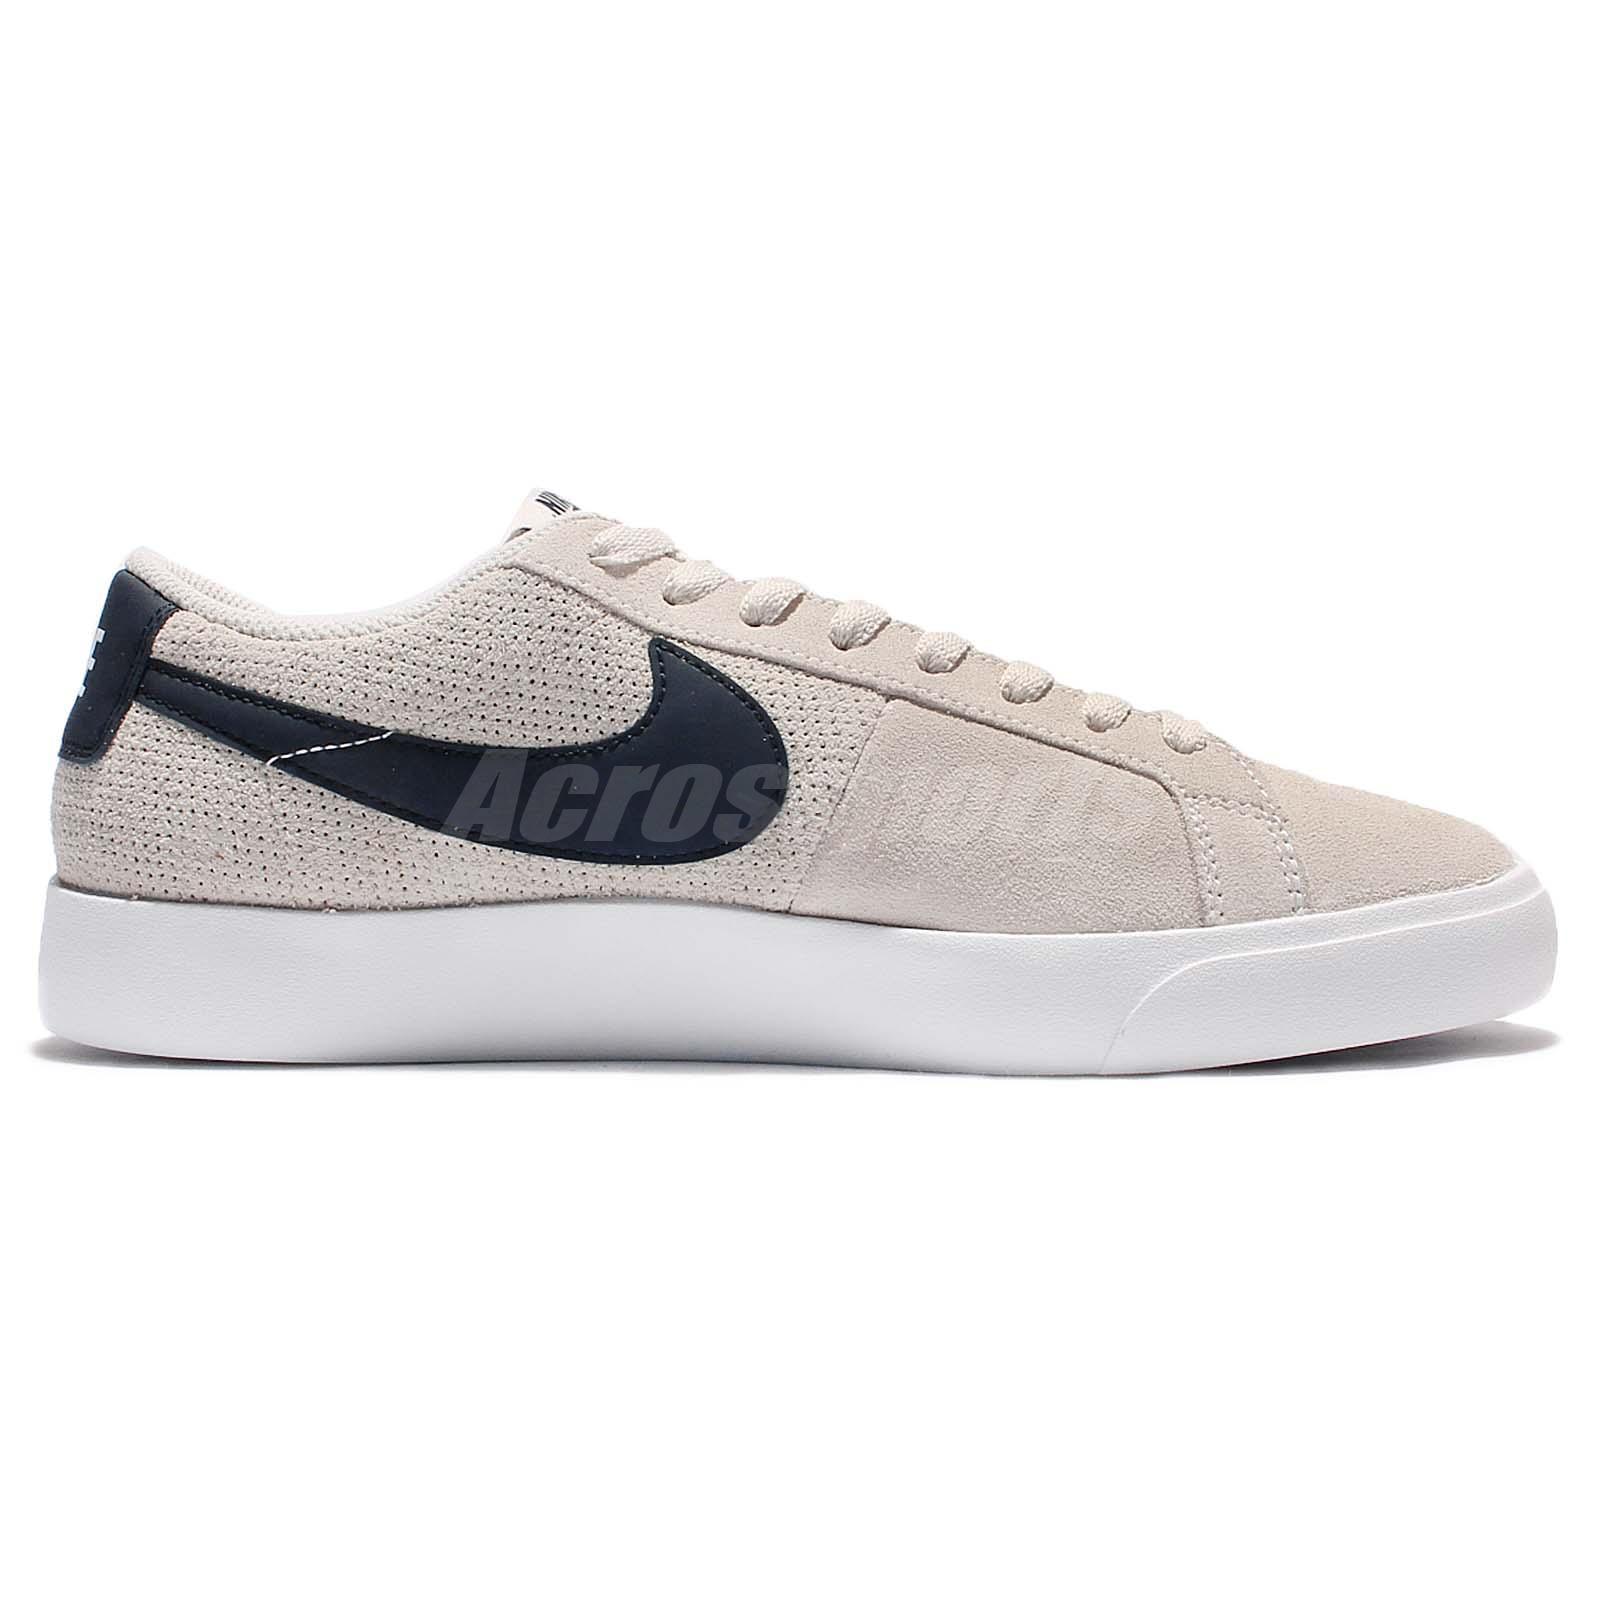 NIKE SB Blazer Vapor mens sneakers 8783651416  B06XP59T8W